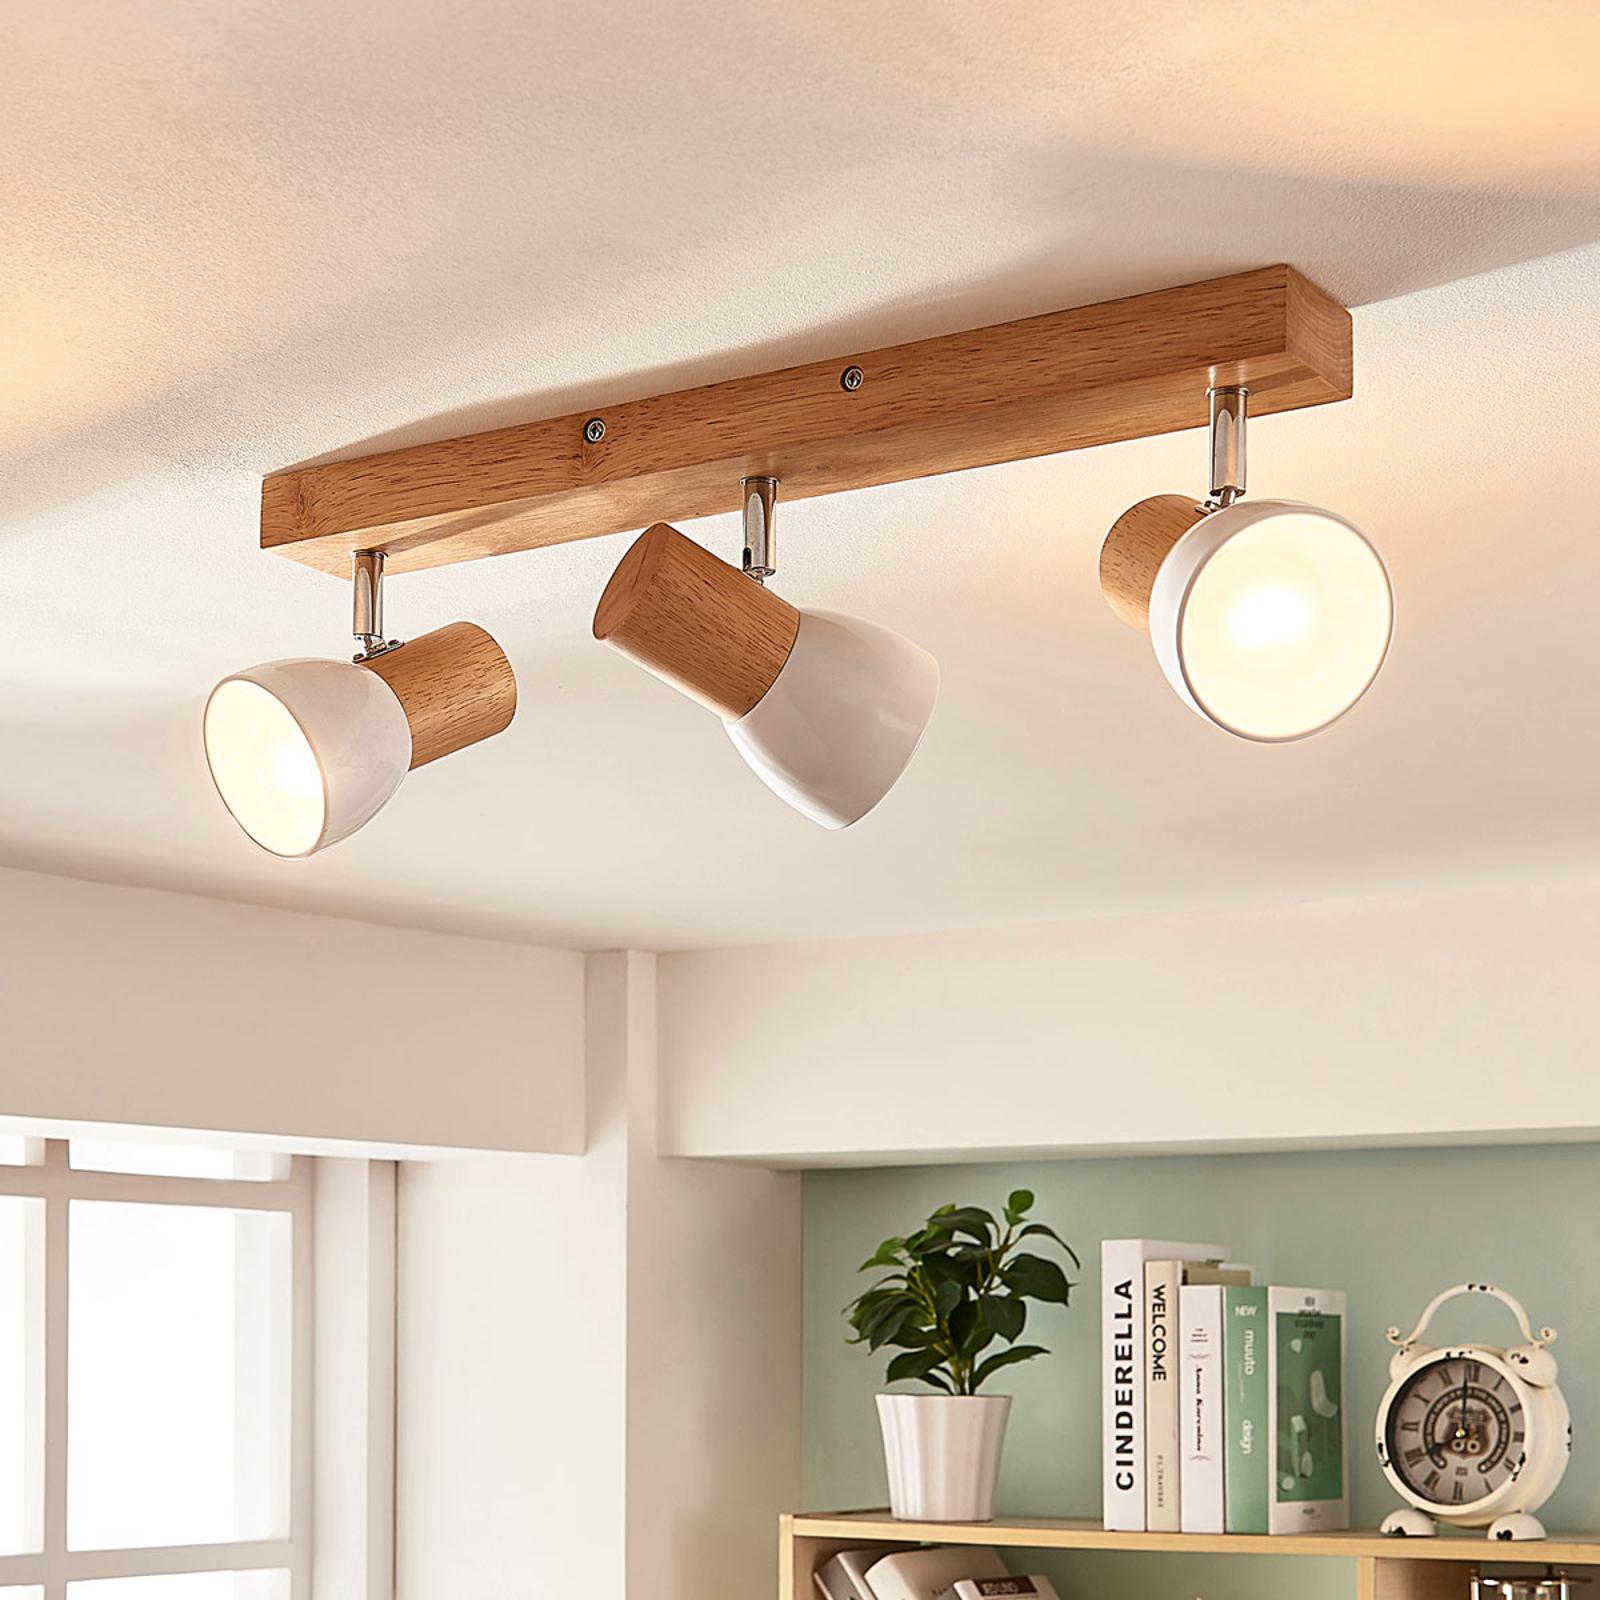 Dřevěná stropní lampa Thorin, tříbodová